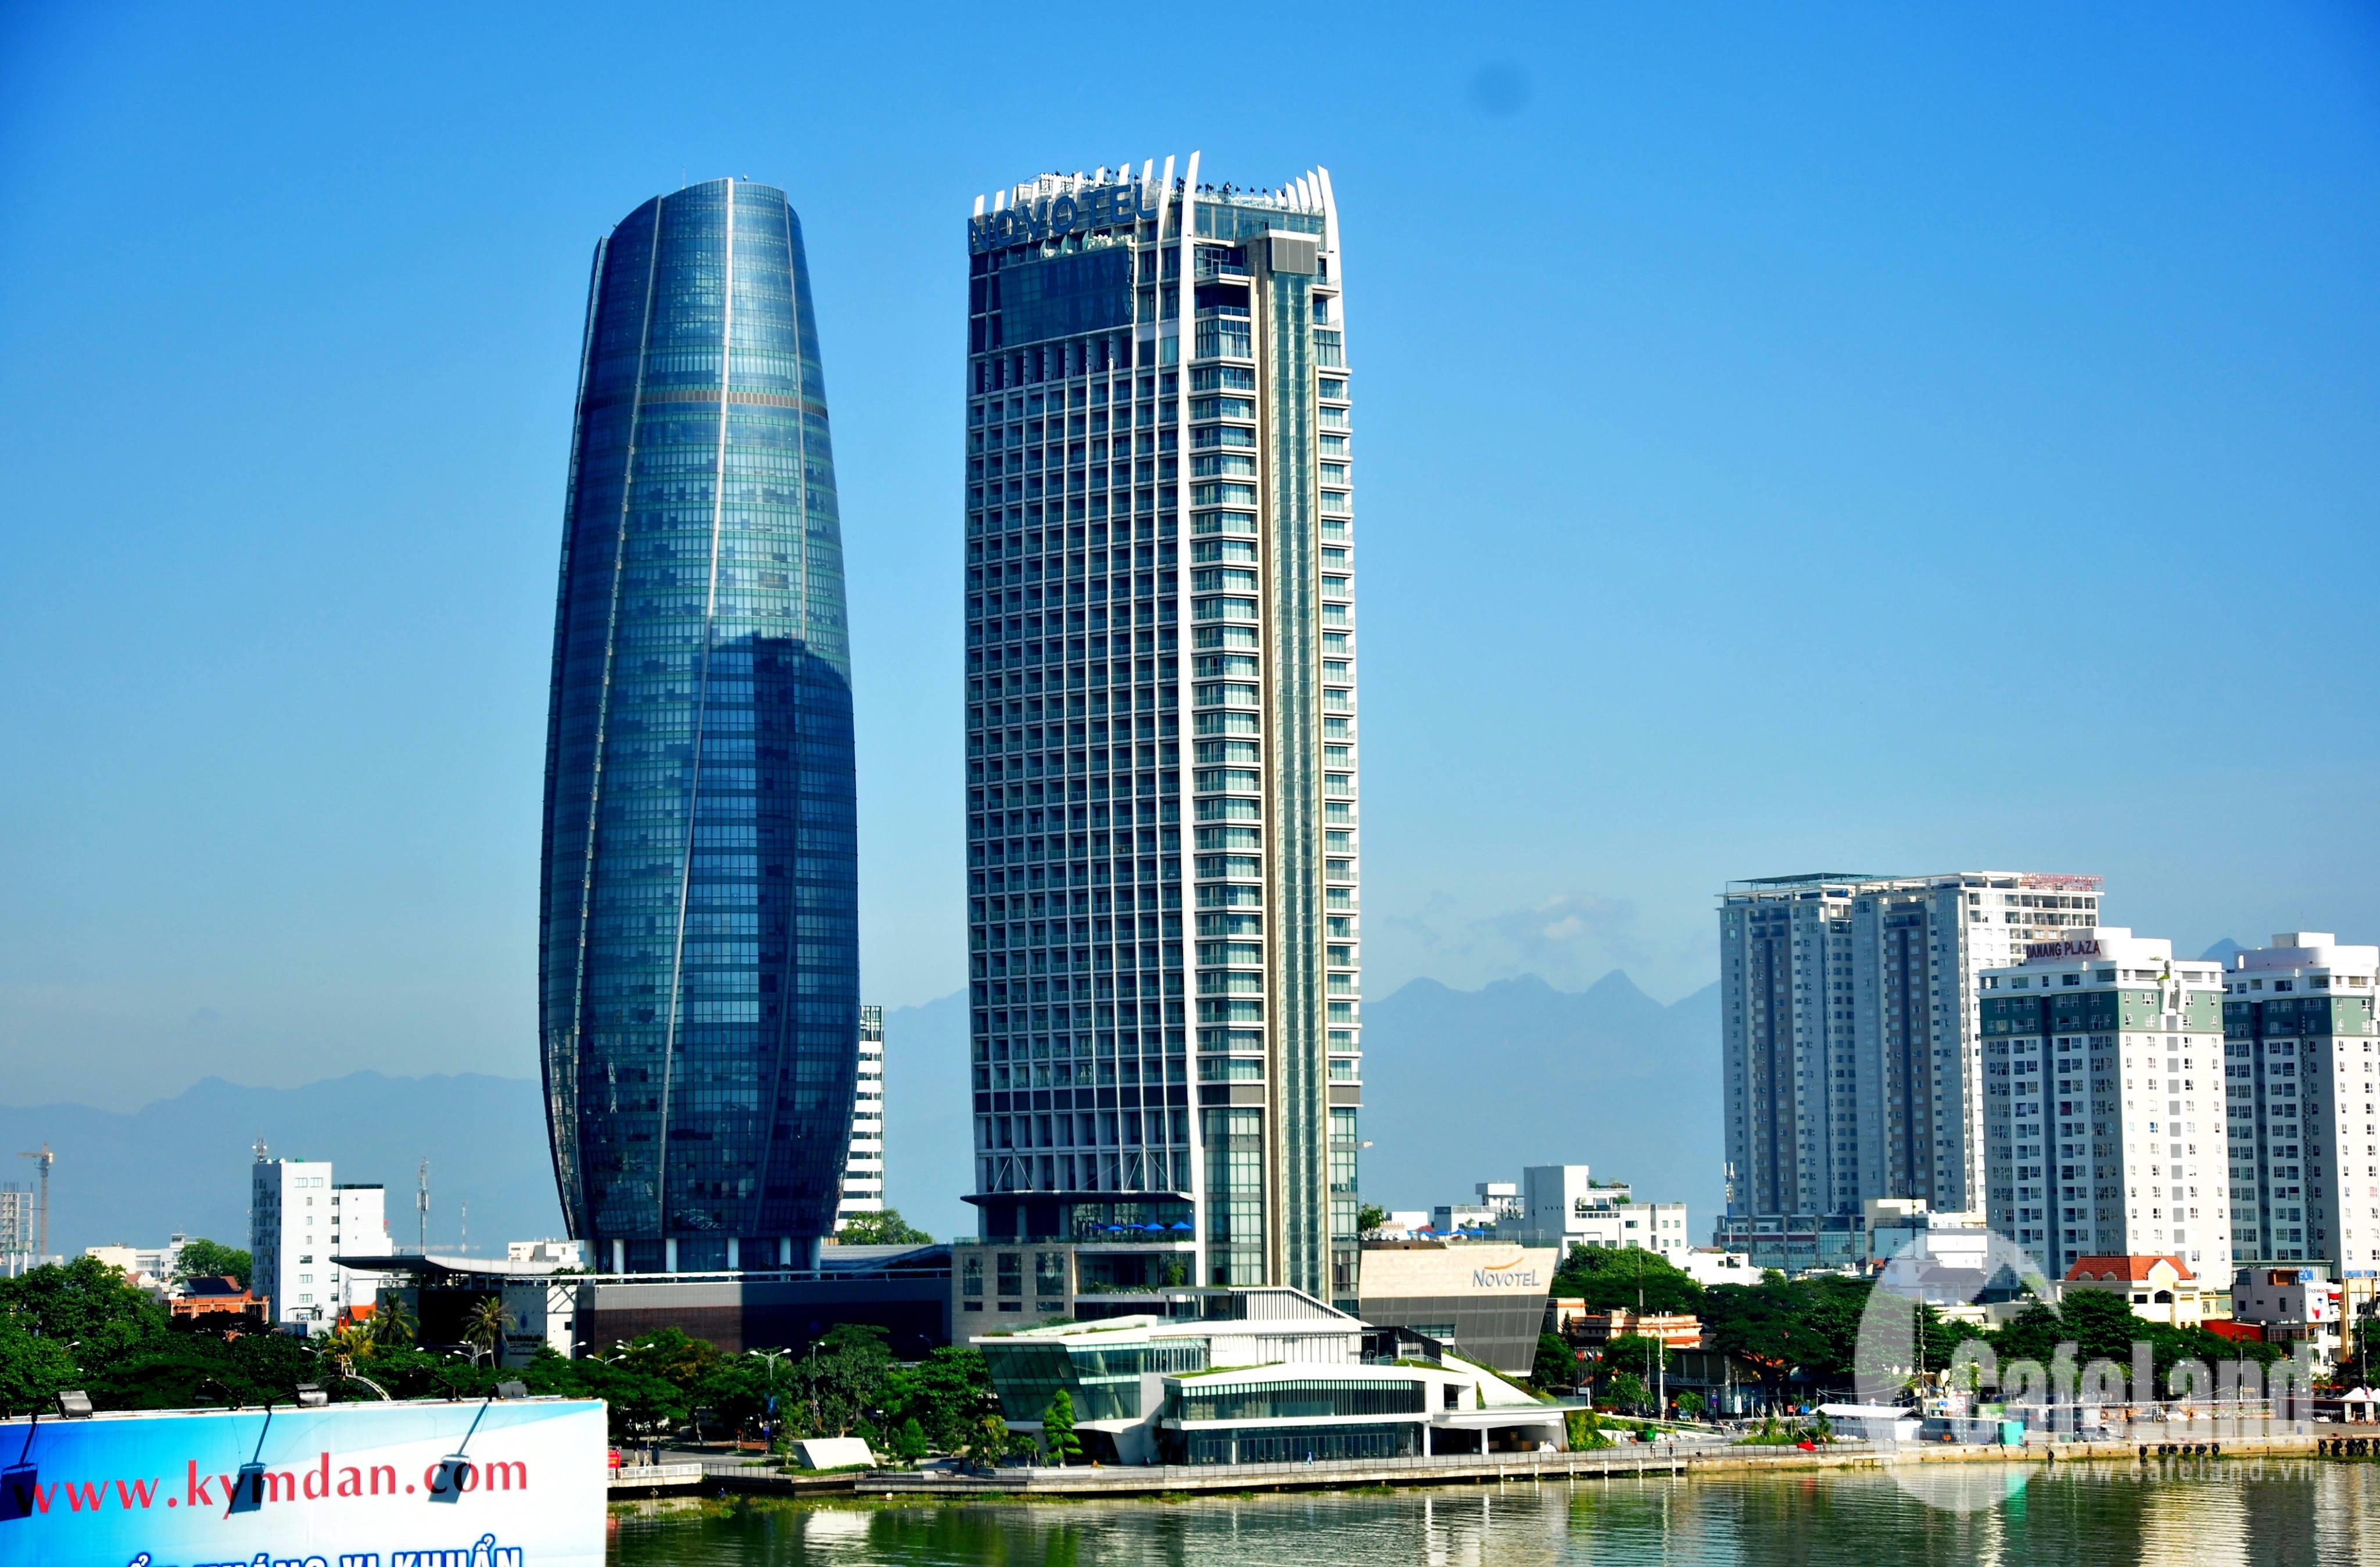 Nhà đầu tư nước ngoài quan tâm loại hình bất động sản nào tại Việt Nam?